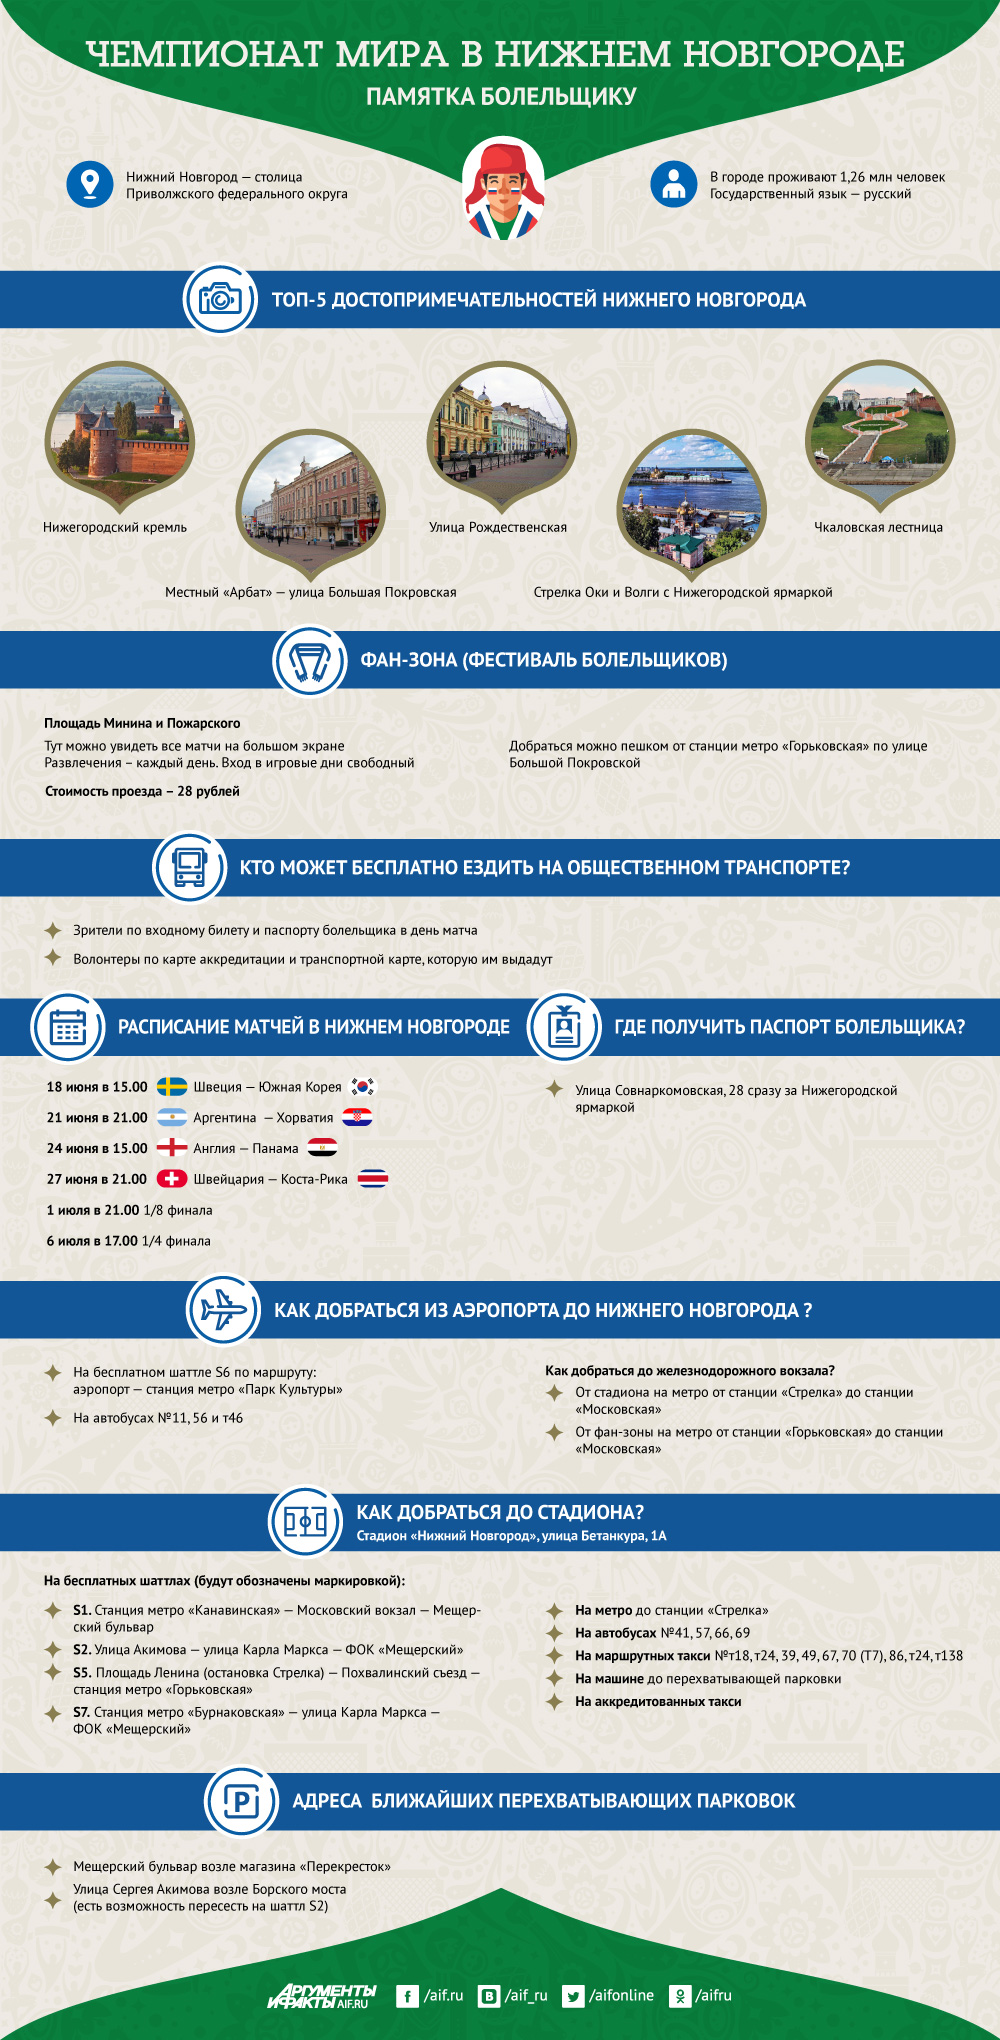 Чемпионат мира в Нижнем Новгороде: памятка болельщику